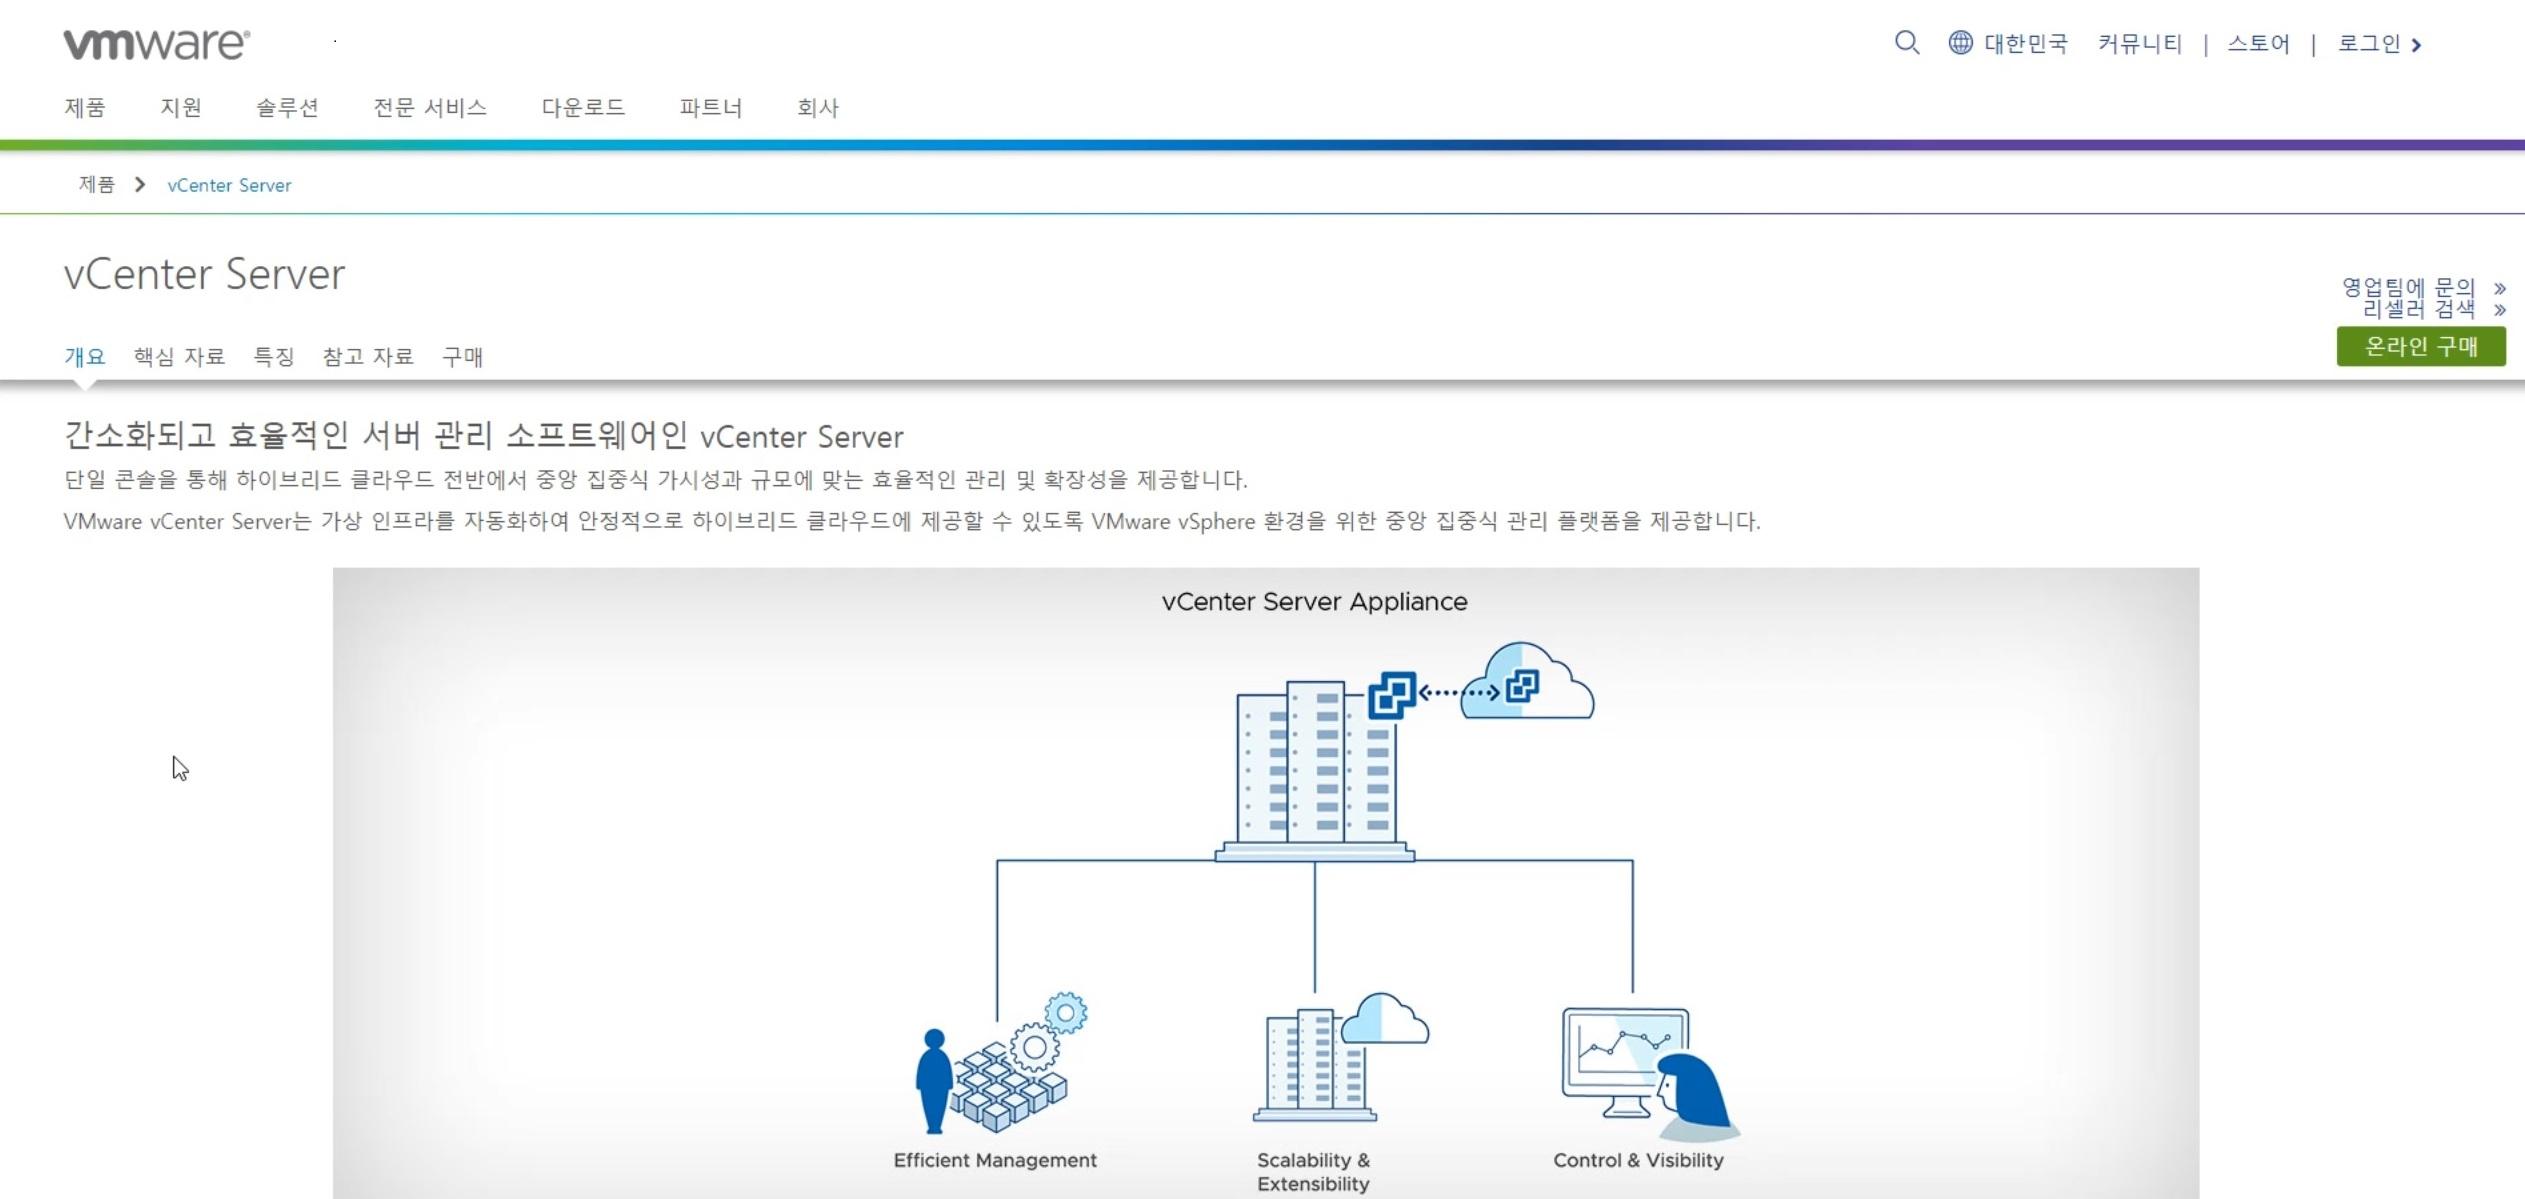 vmware vCenter Server 설치 1단계 장치 배포